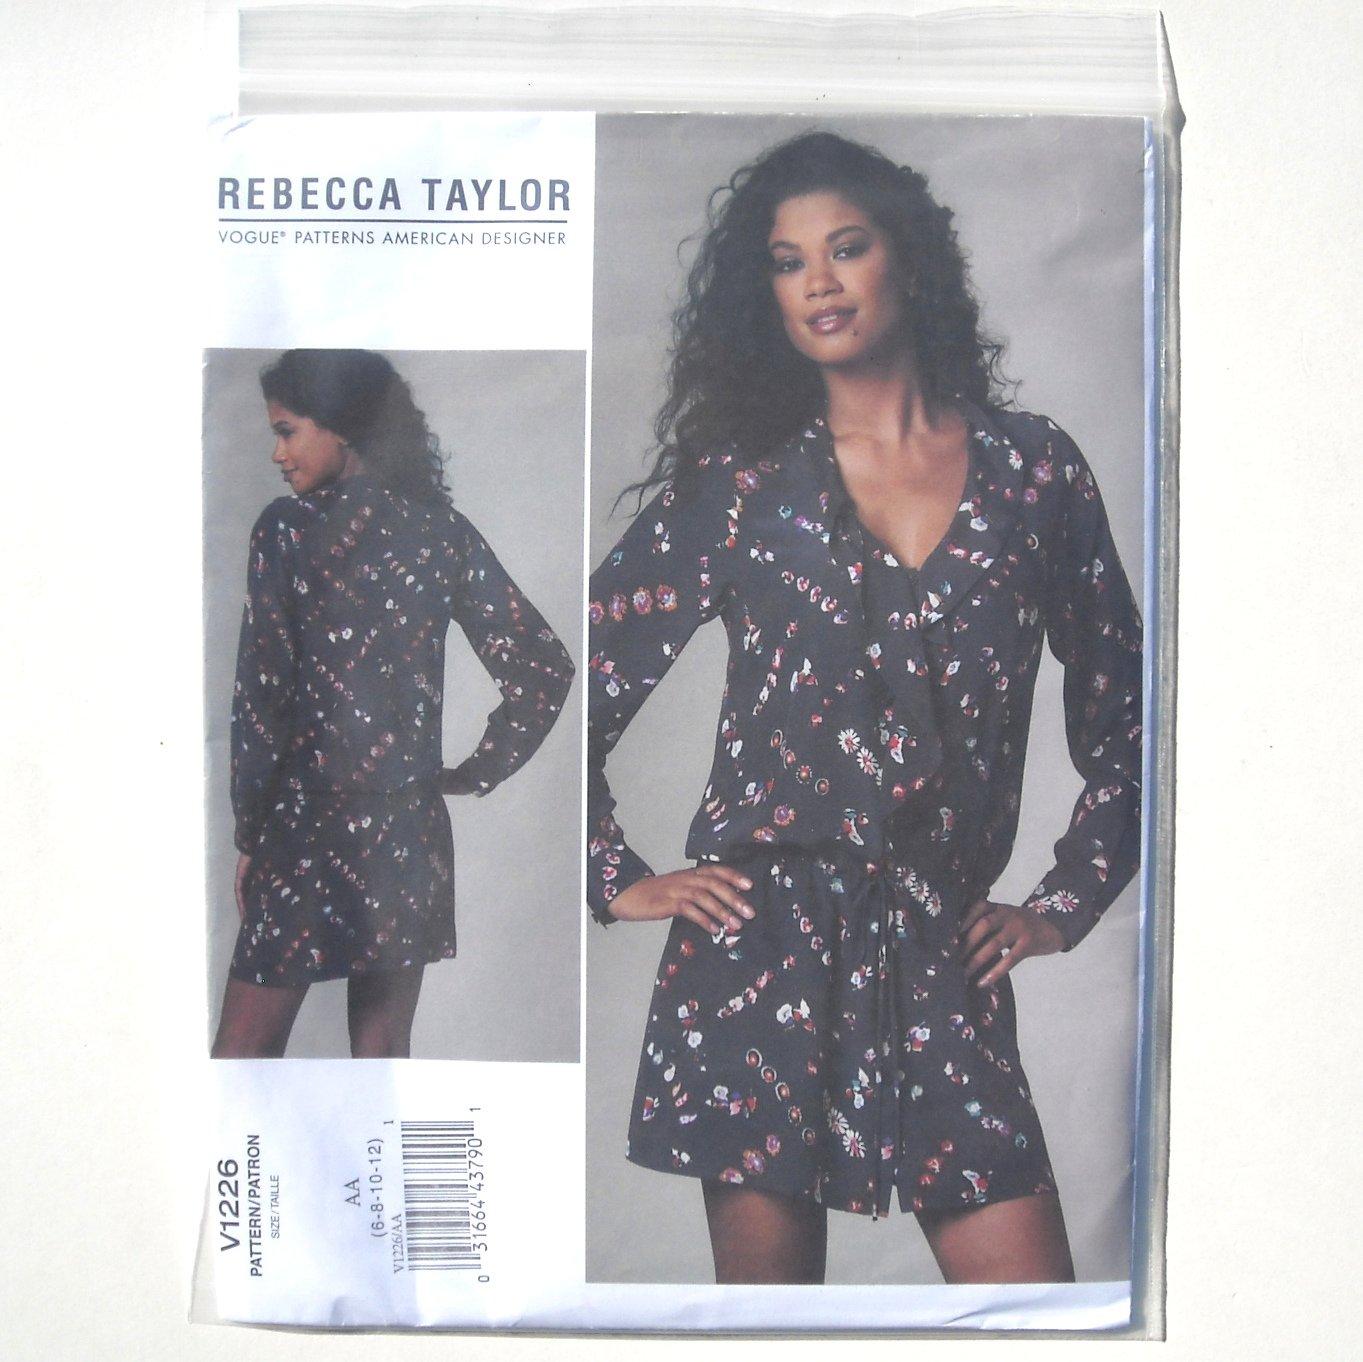 Vogue Designer Pattern V1226 Out Of Print Rebecca Taylor Size 6 - 12 Misses Dress